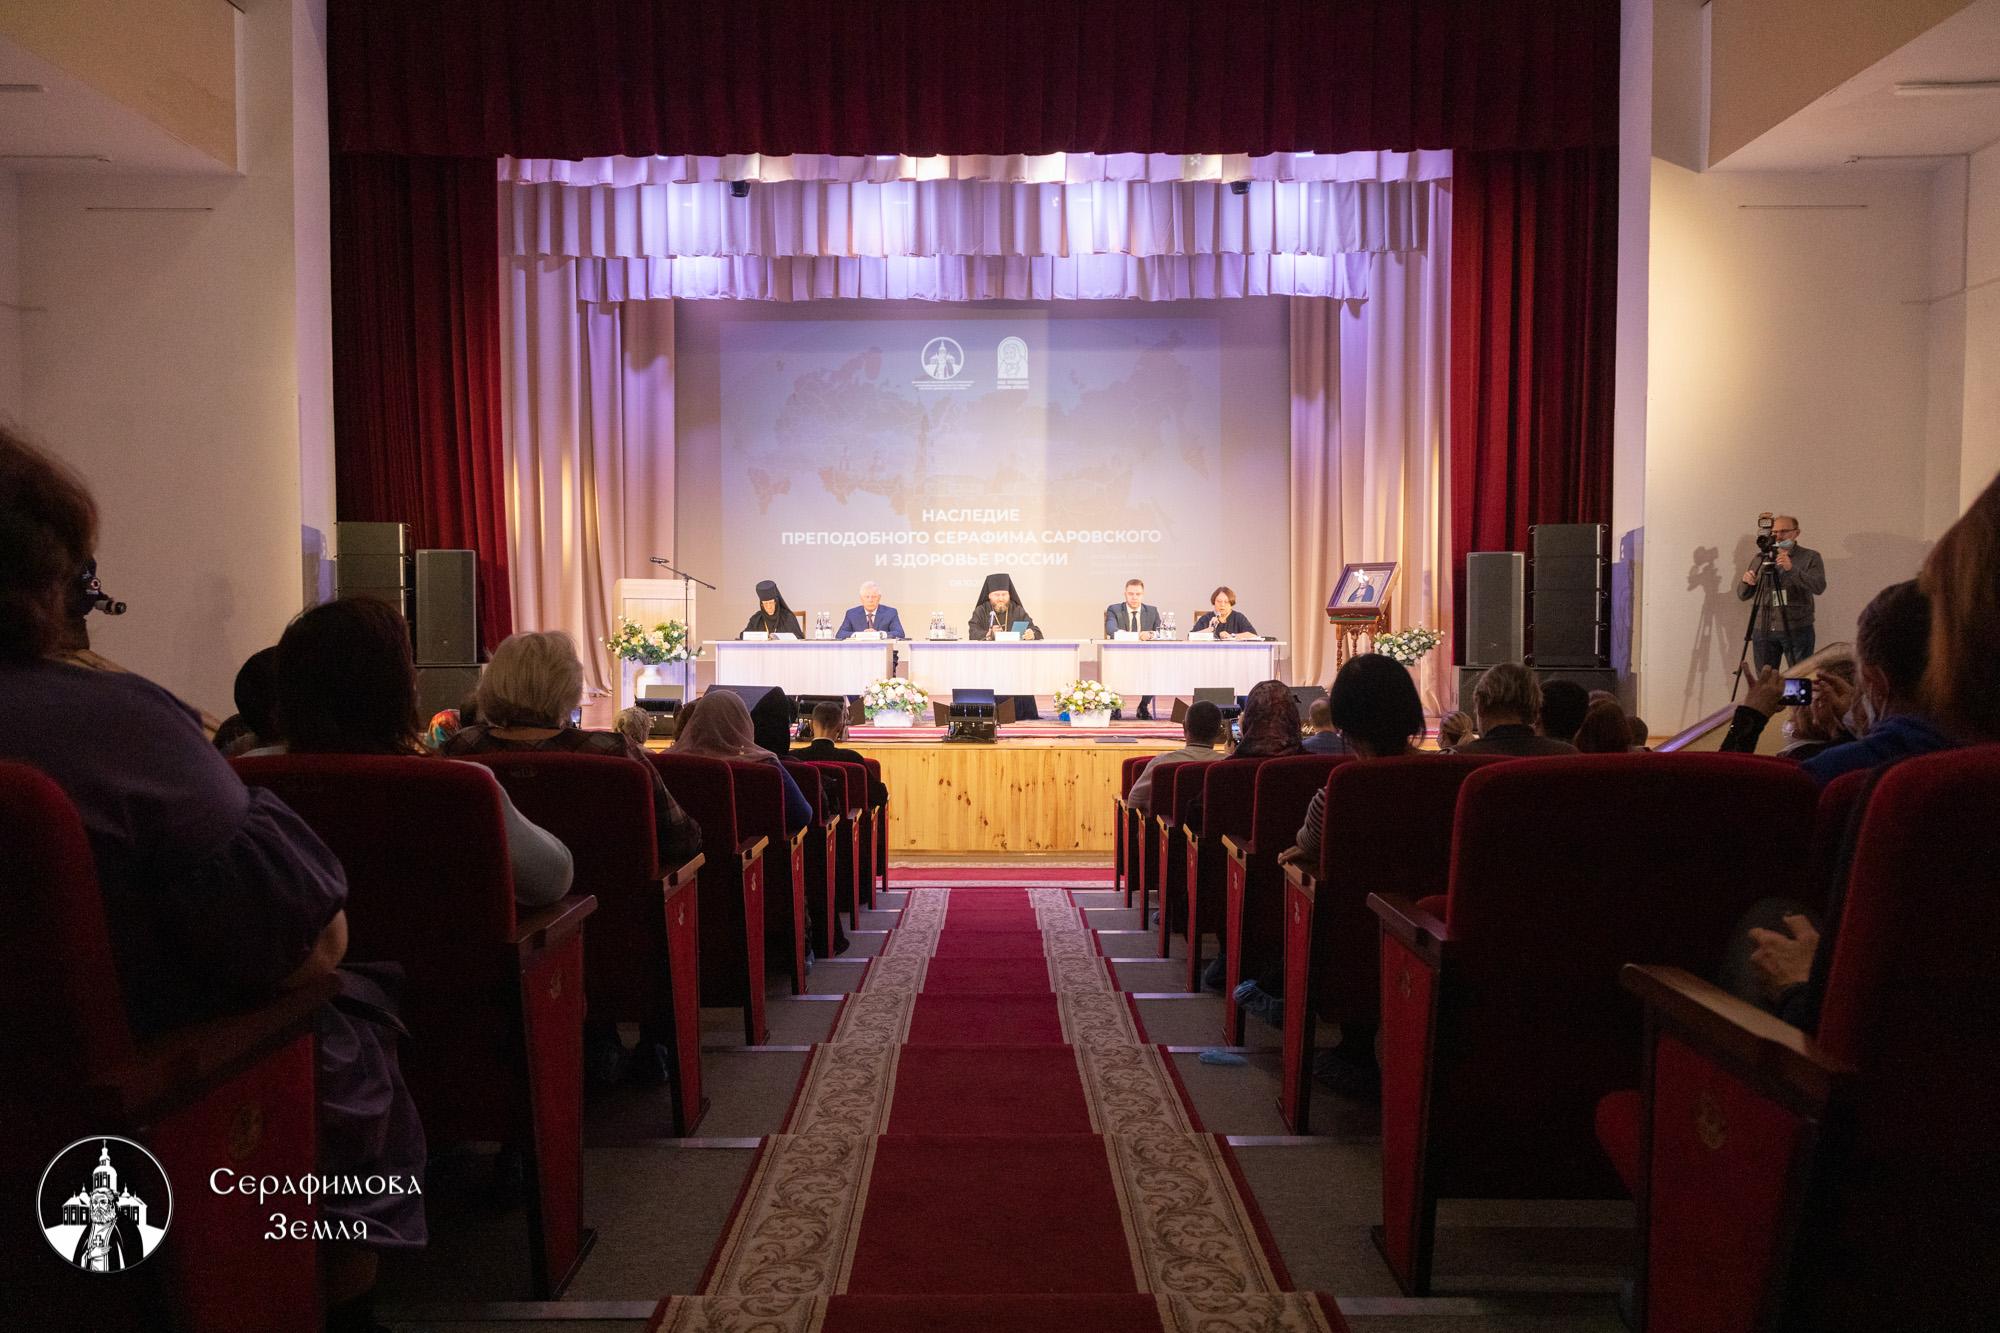 В Дивееве состоялось награждение победителей конкурса «Серафимовский врач – 2020»